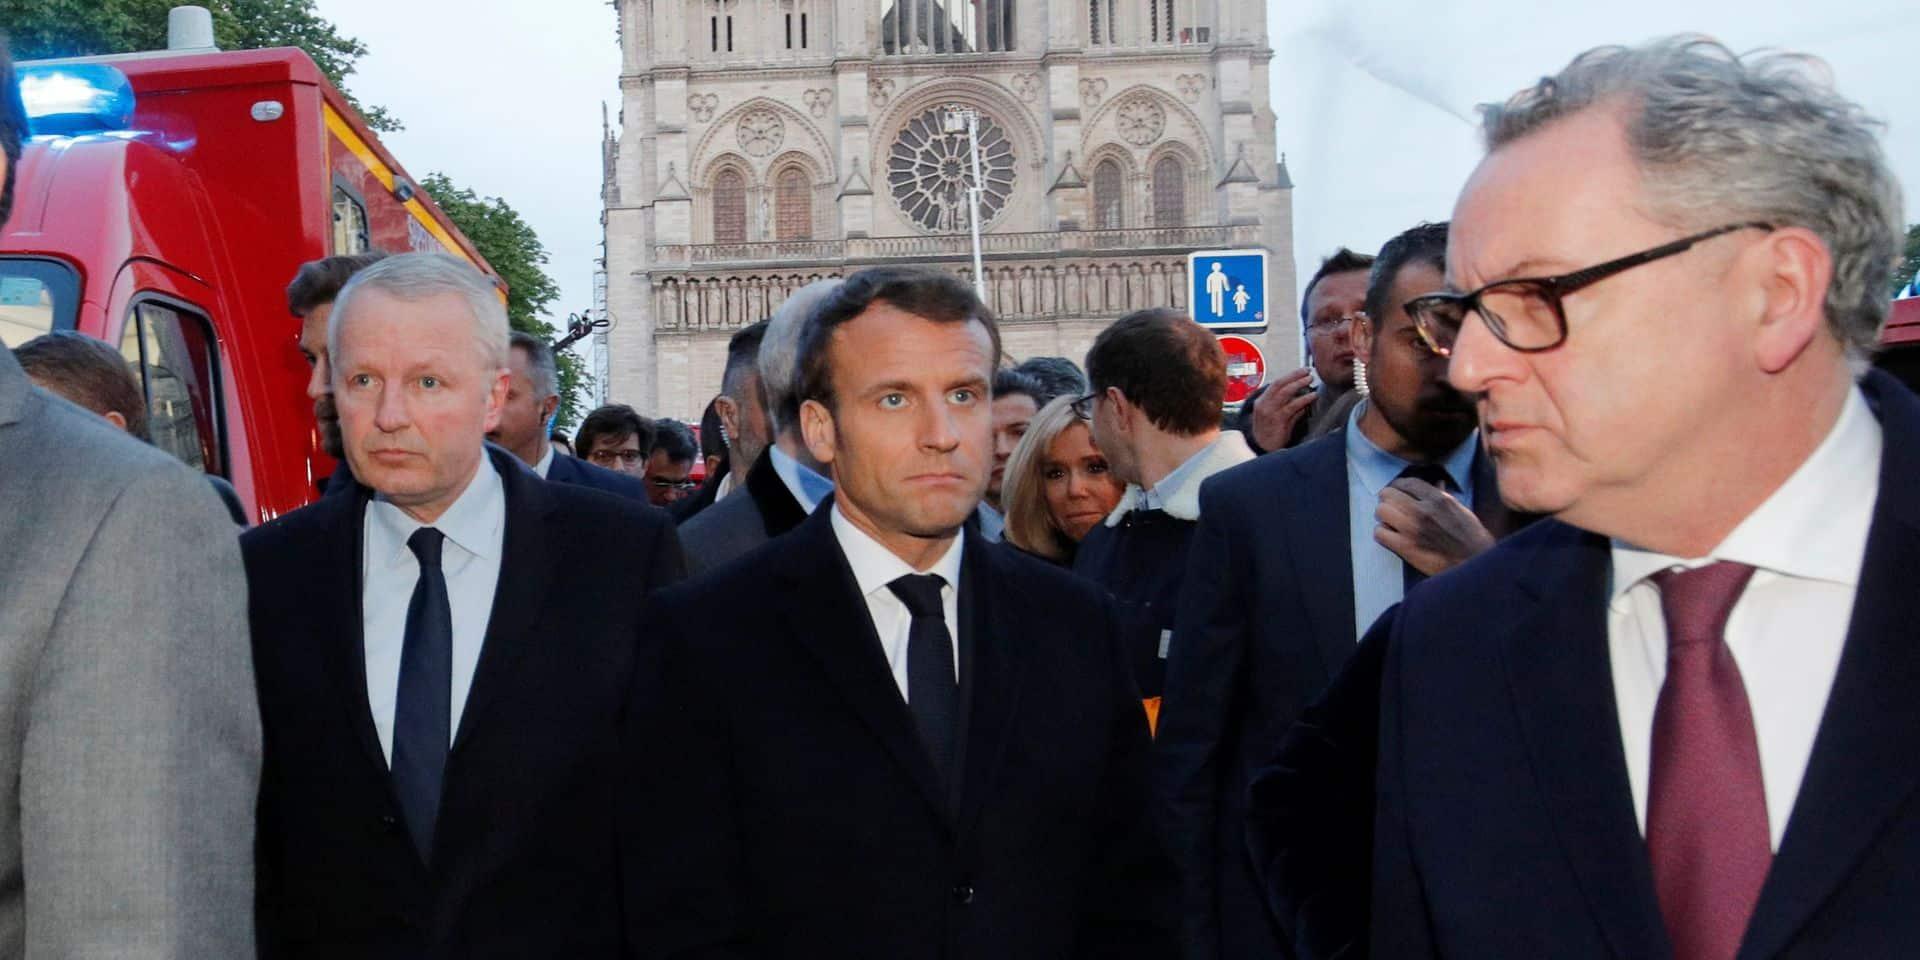 Incendie de Notre-Dame de Paris: Macron annule sa prise de parole de mercredi et rencontrera le pape